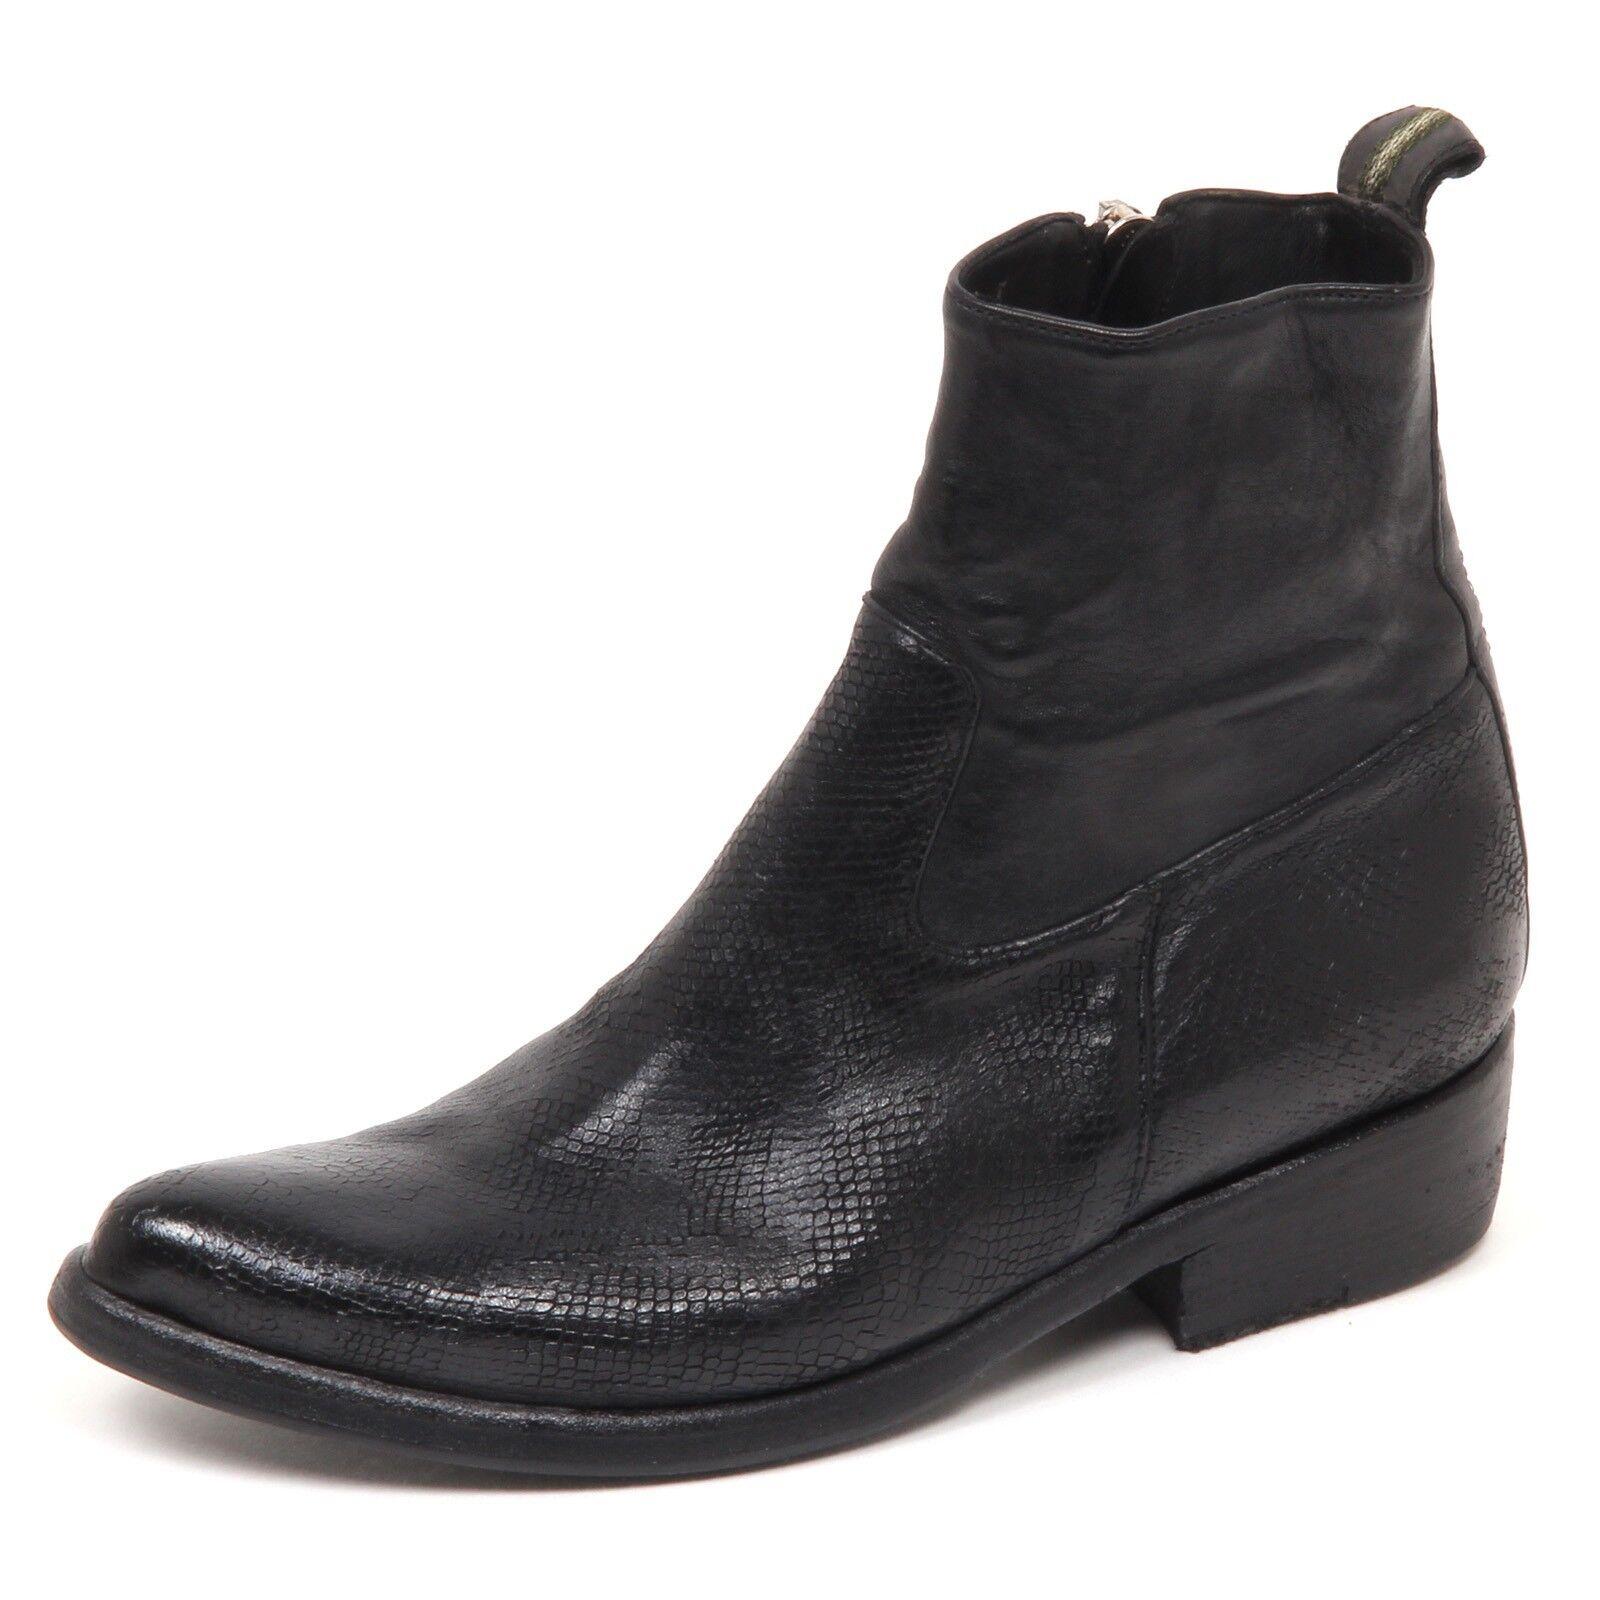 E6816 Stivaletto Stivaletto Stivaletto mujer Negro Sartori oro zapatos Vintage Efecto Bota Zapato Mujer  punto de venta de la marca